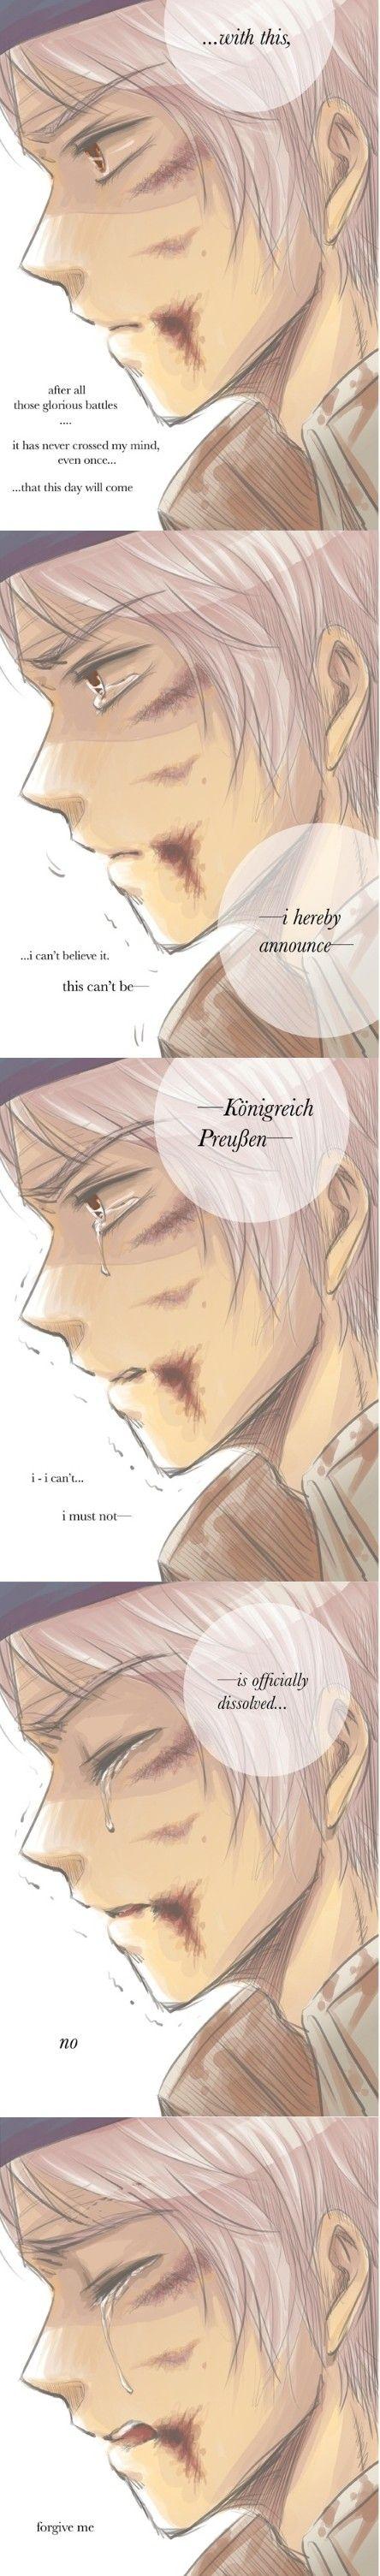 PRUSSIA. oh gd, feels. *dies.*